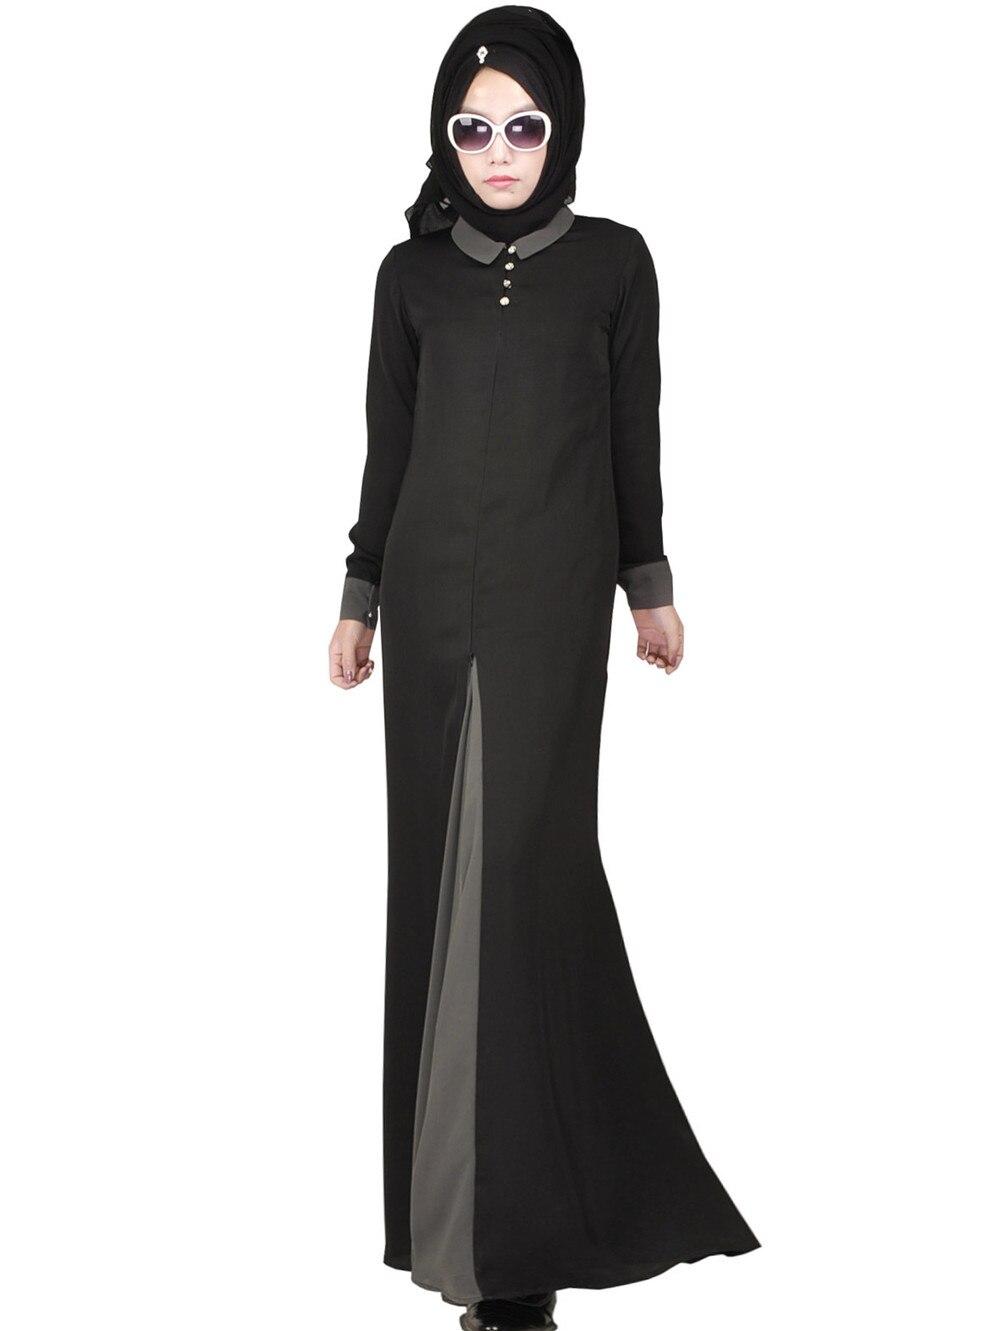 Nouveauté islamique musulman longue robe pour les femmes malaisie abayas à dubaï turc dames vêtements de haute qualité longue robe KJ